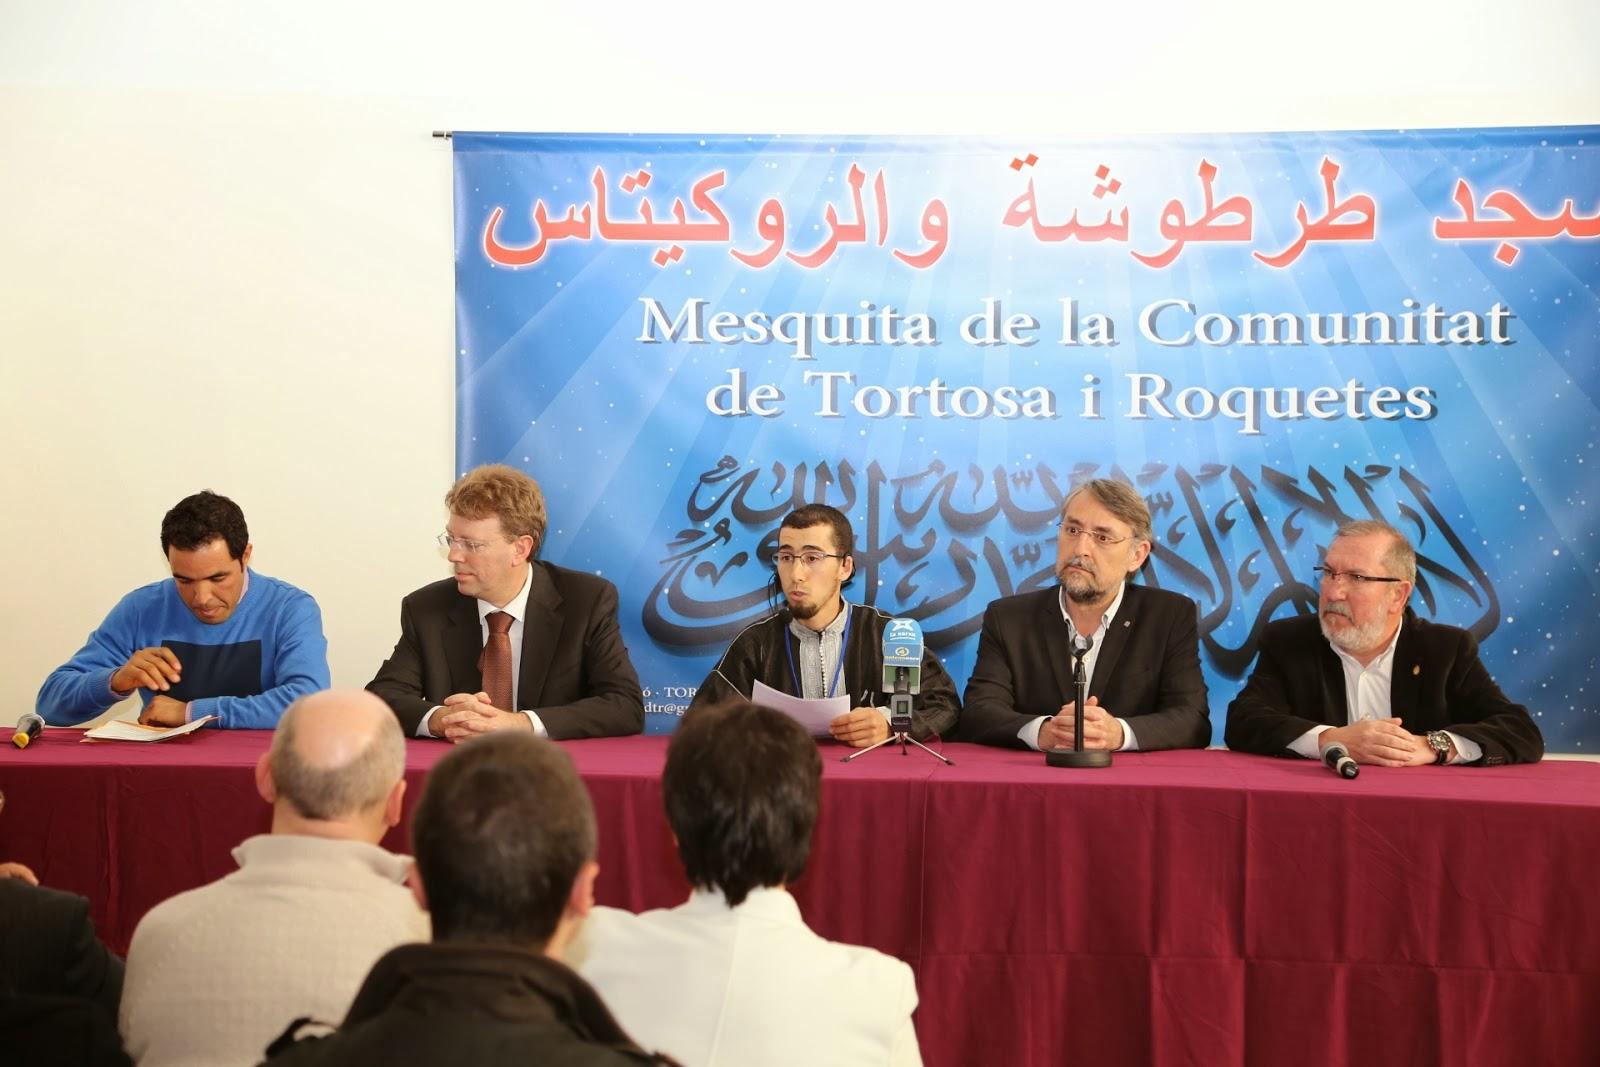 Inauguración de la nueva Mezquita en Tortosa